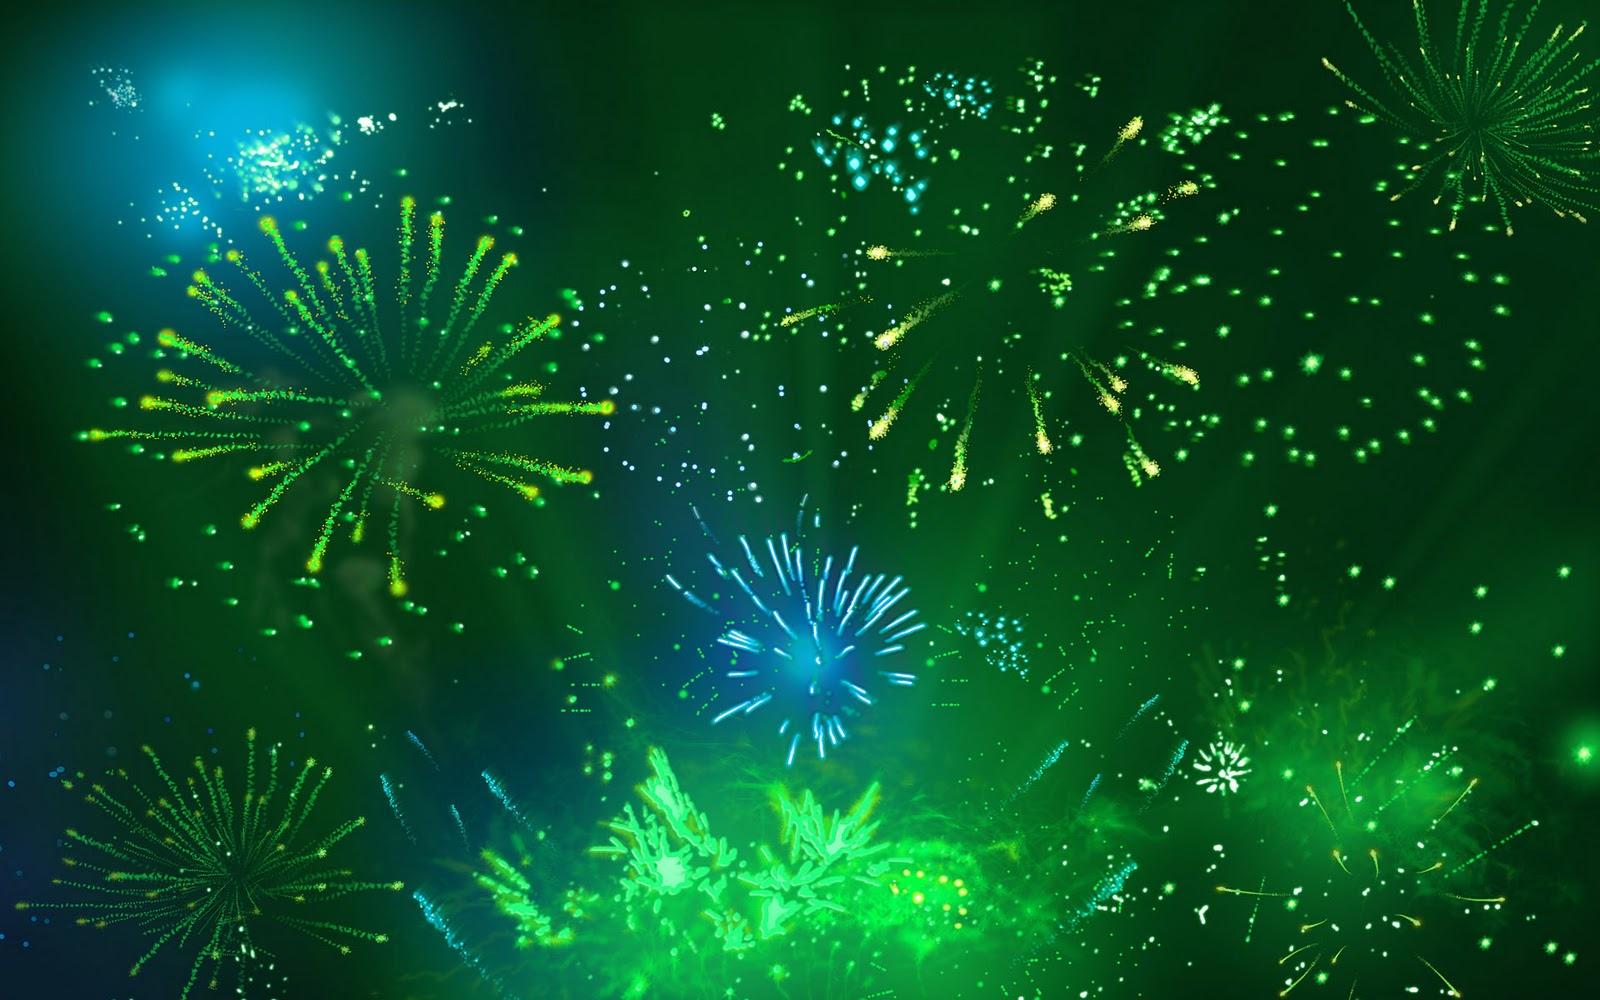 http://4.bp.blogspot.com/-P7M0jGz6ydk/TsI-7ferJoI/AAAAAAAAS1E/PbOdiYzOyy4/s1600/Mooie-vuurwerk-achtergronden-leuke-hd-vuurwerk-wallpapers-afbeelding-plaatje-foto-24.jpg